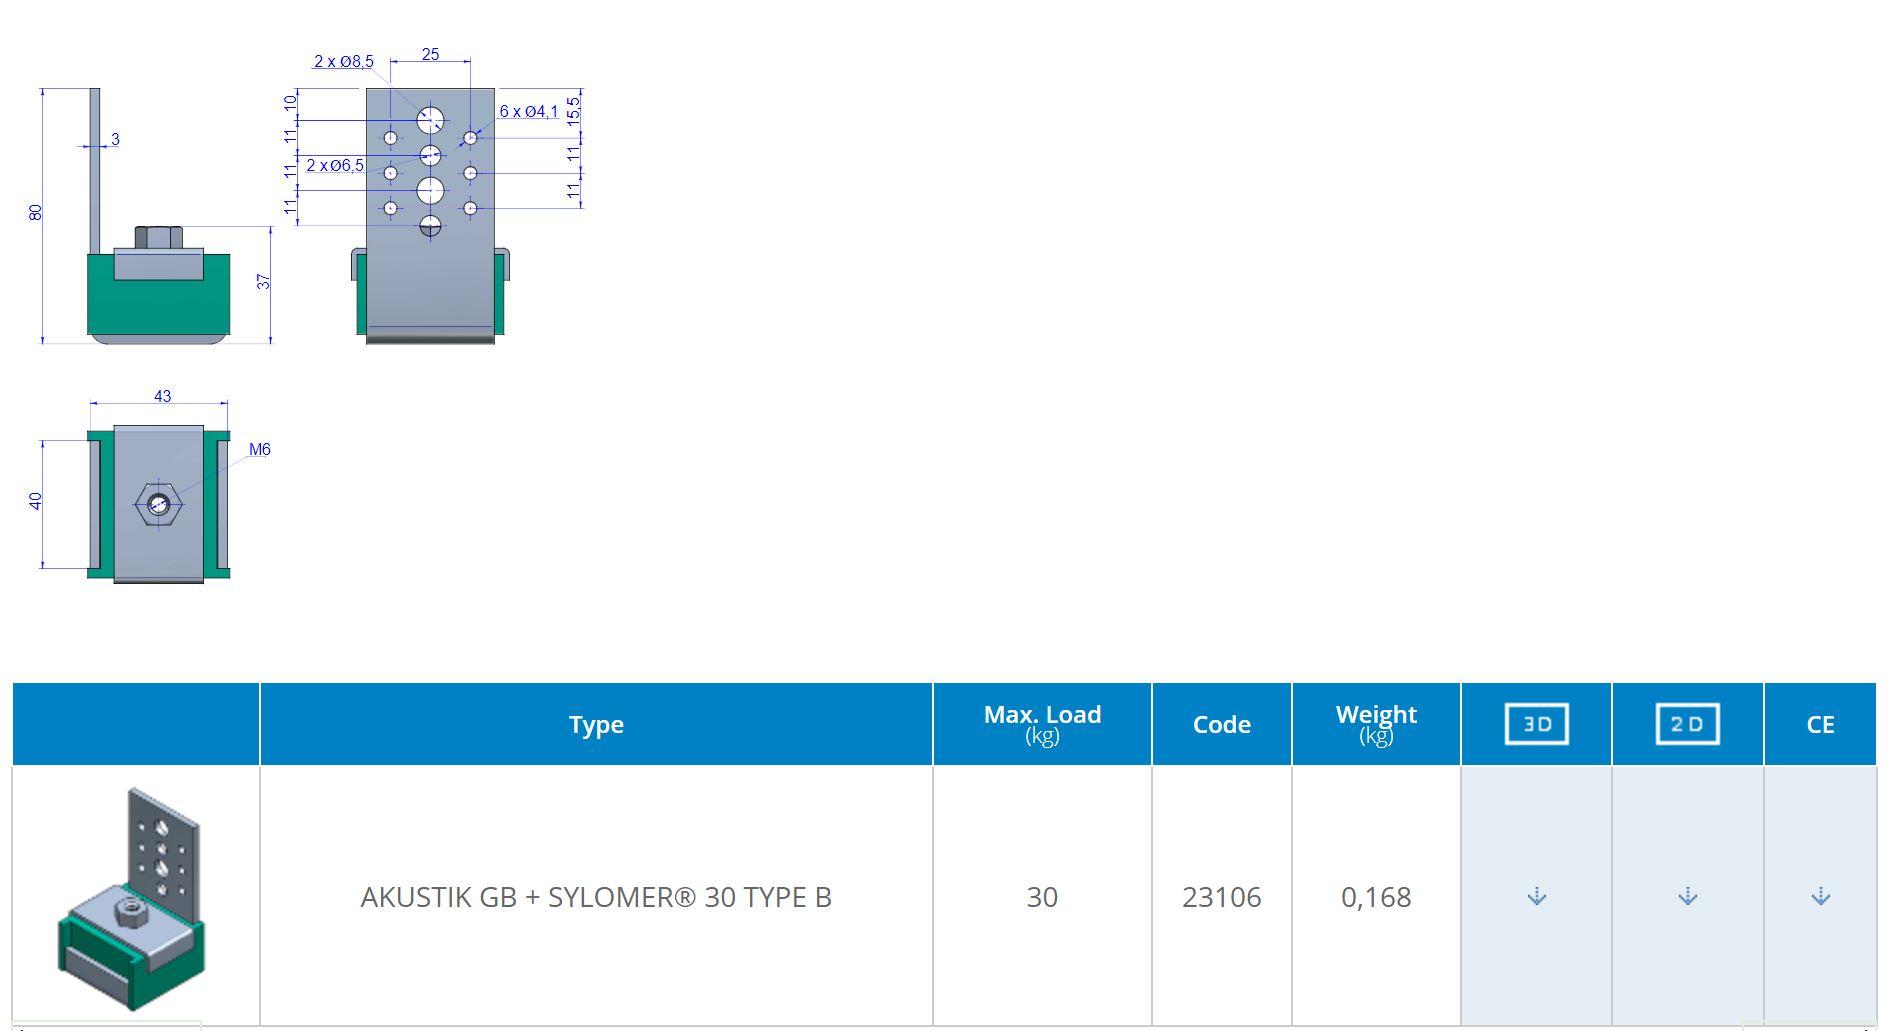 Akustik GB + Sylomer 30 Type B